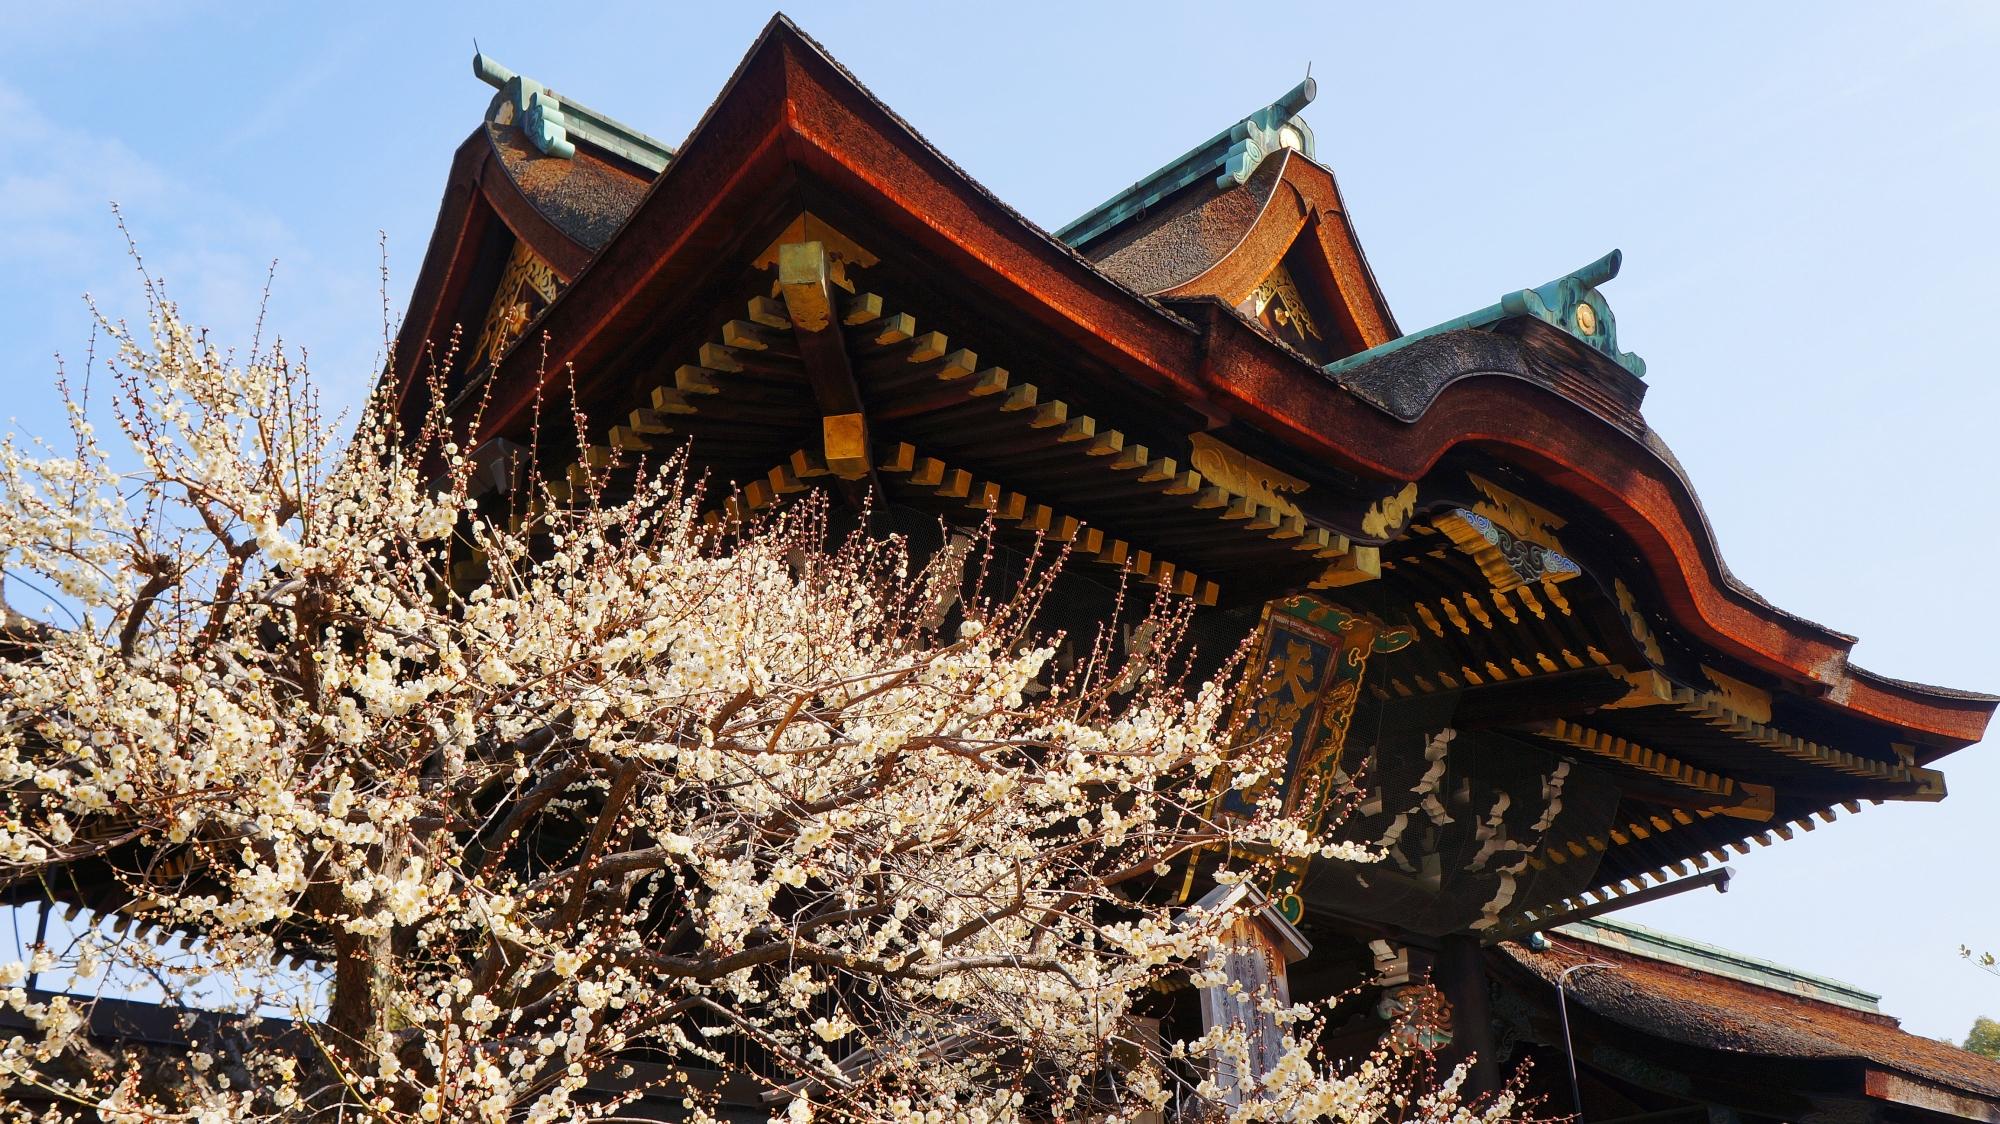 立派な三光門を背景にした華やかな白い梅